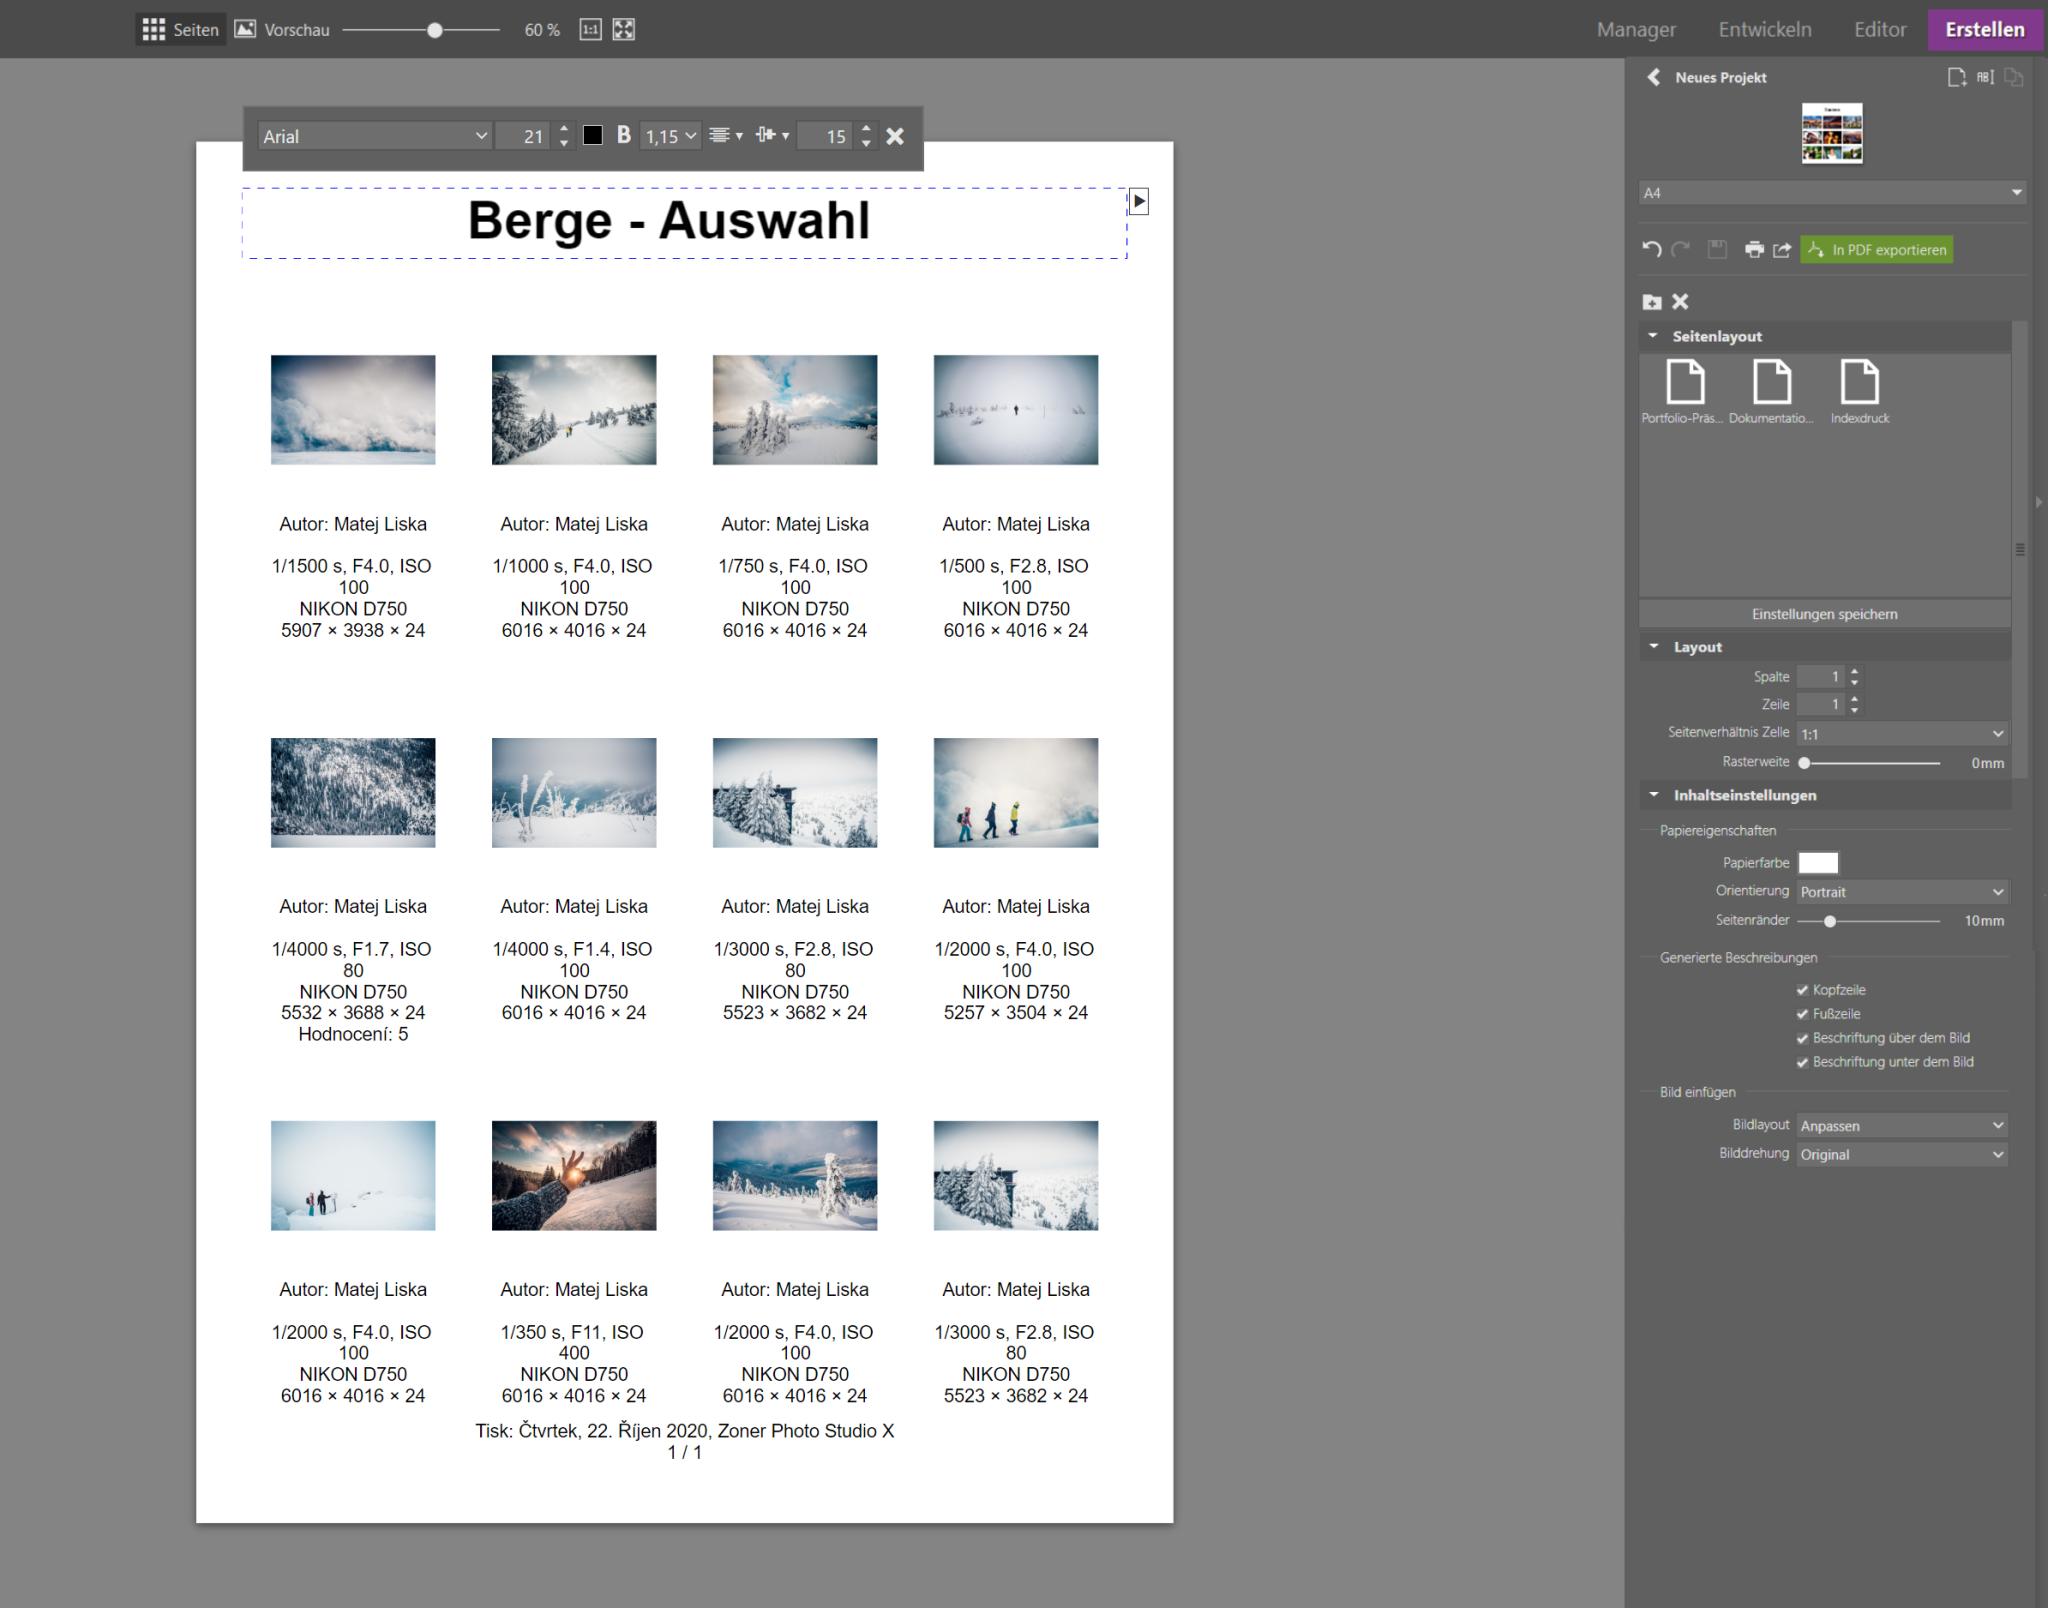 Mehrere Fotos auf eine Seite drucken - Erstellen Sie eine Fotocollage